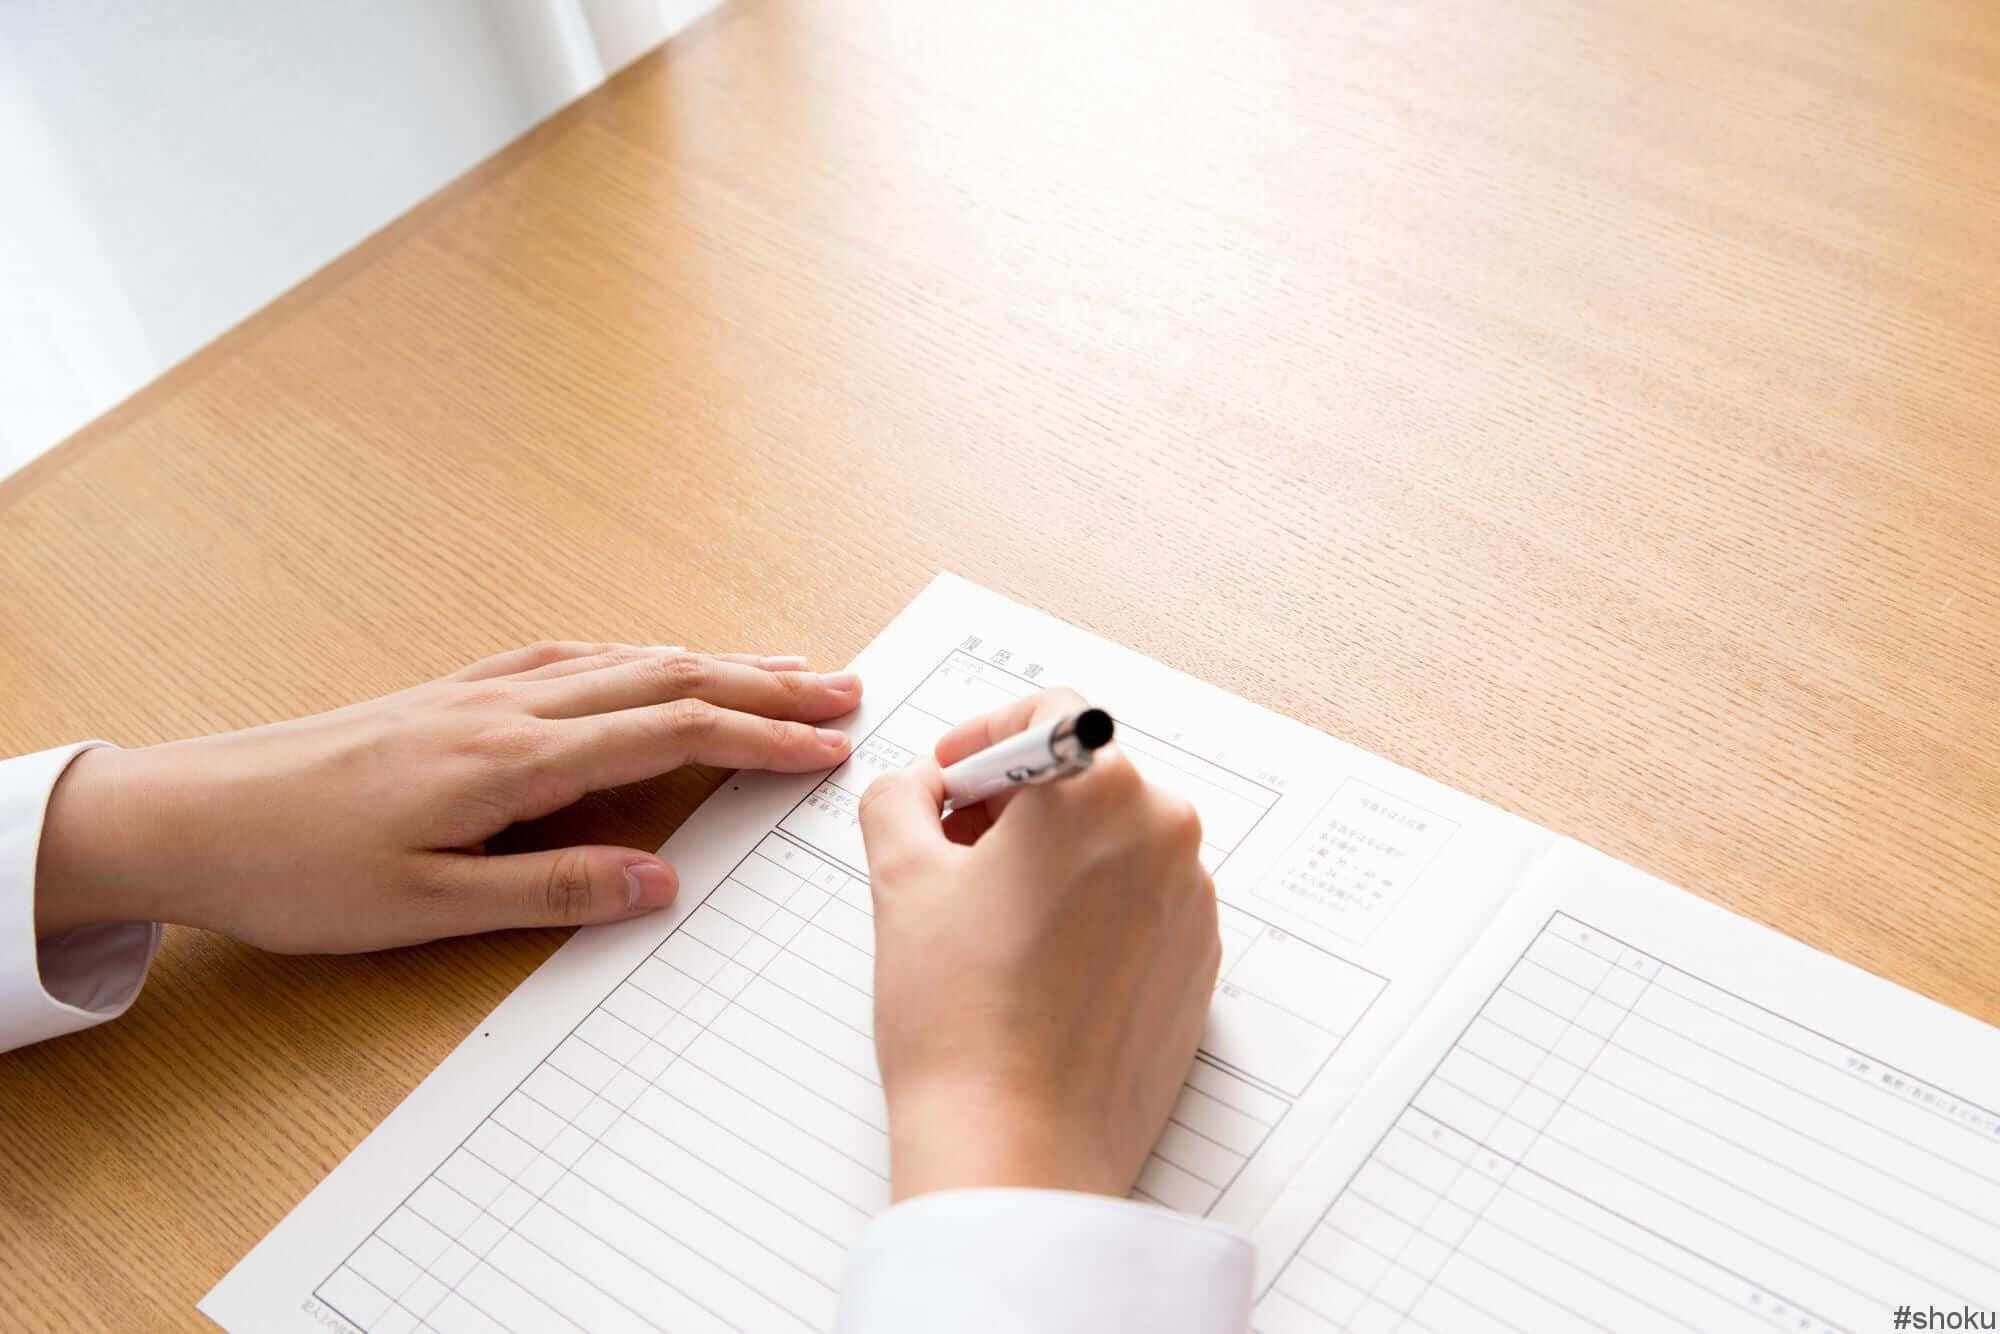 経理の仕事に応募する際の履歴書を記入している女性